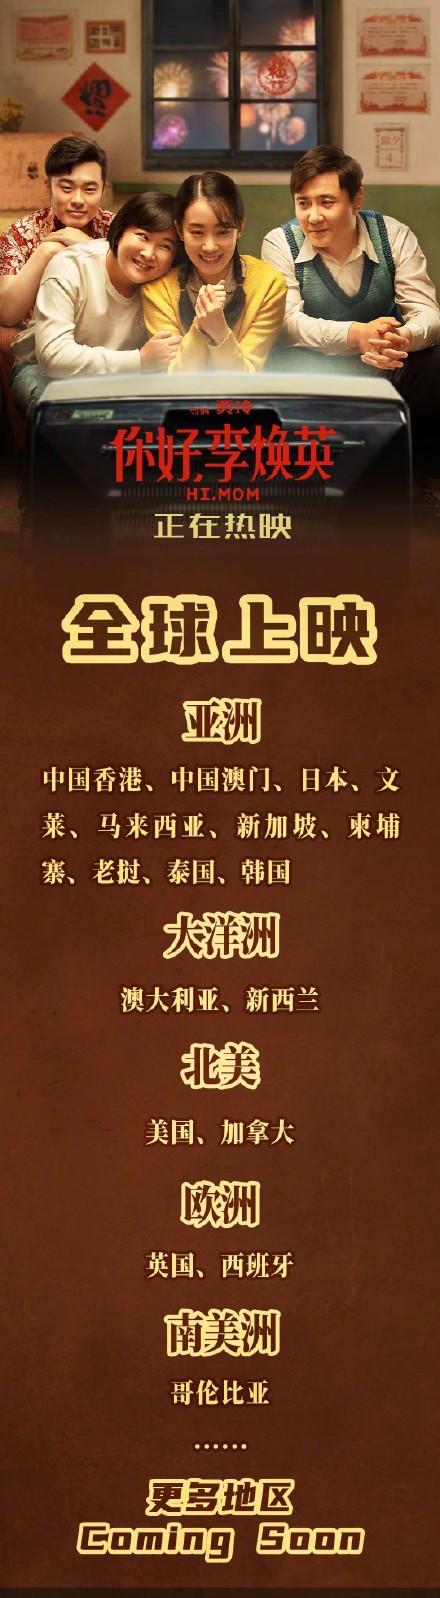 你好李焕英即将全球上映 目前内地票房已超52亿元